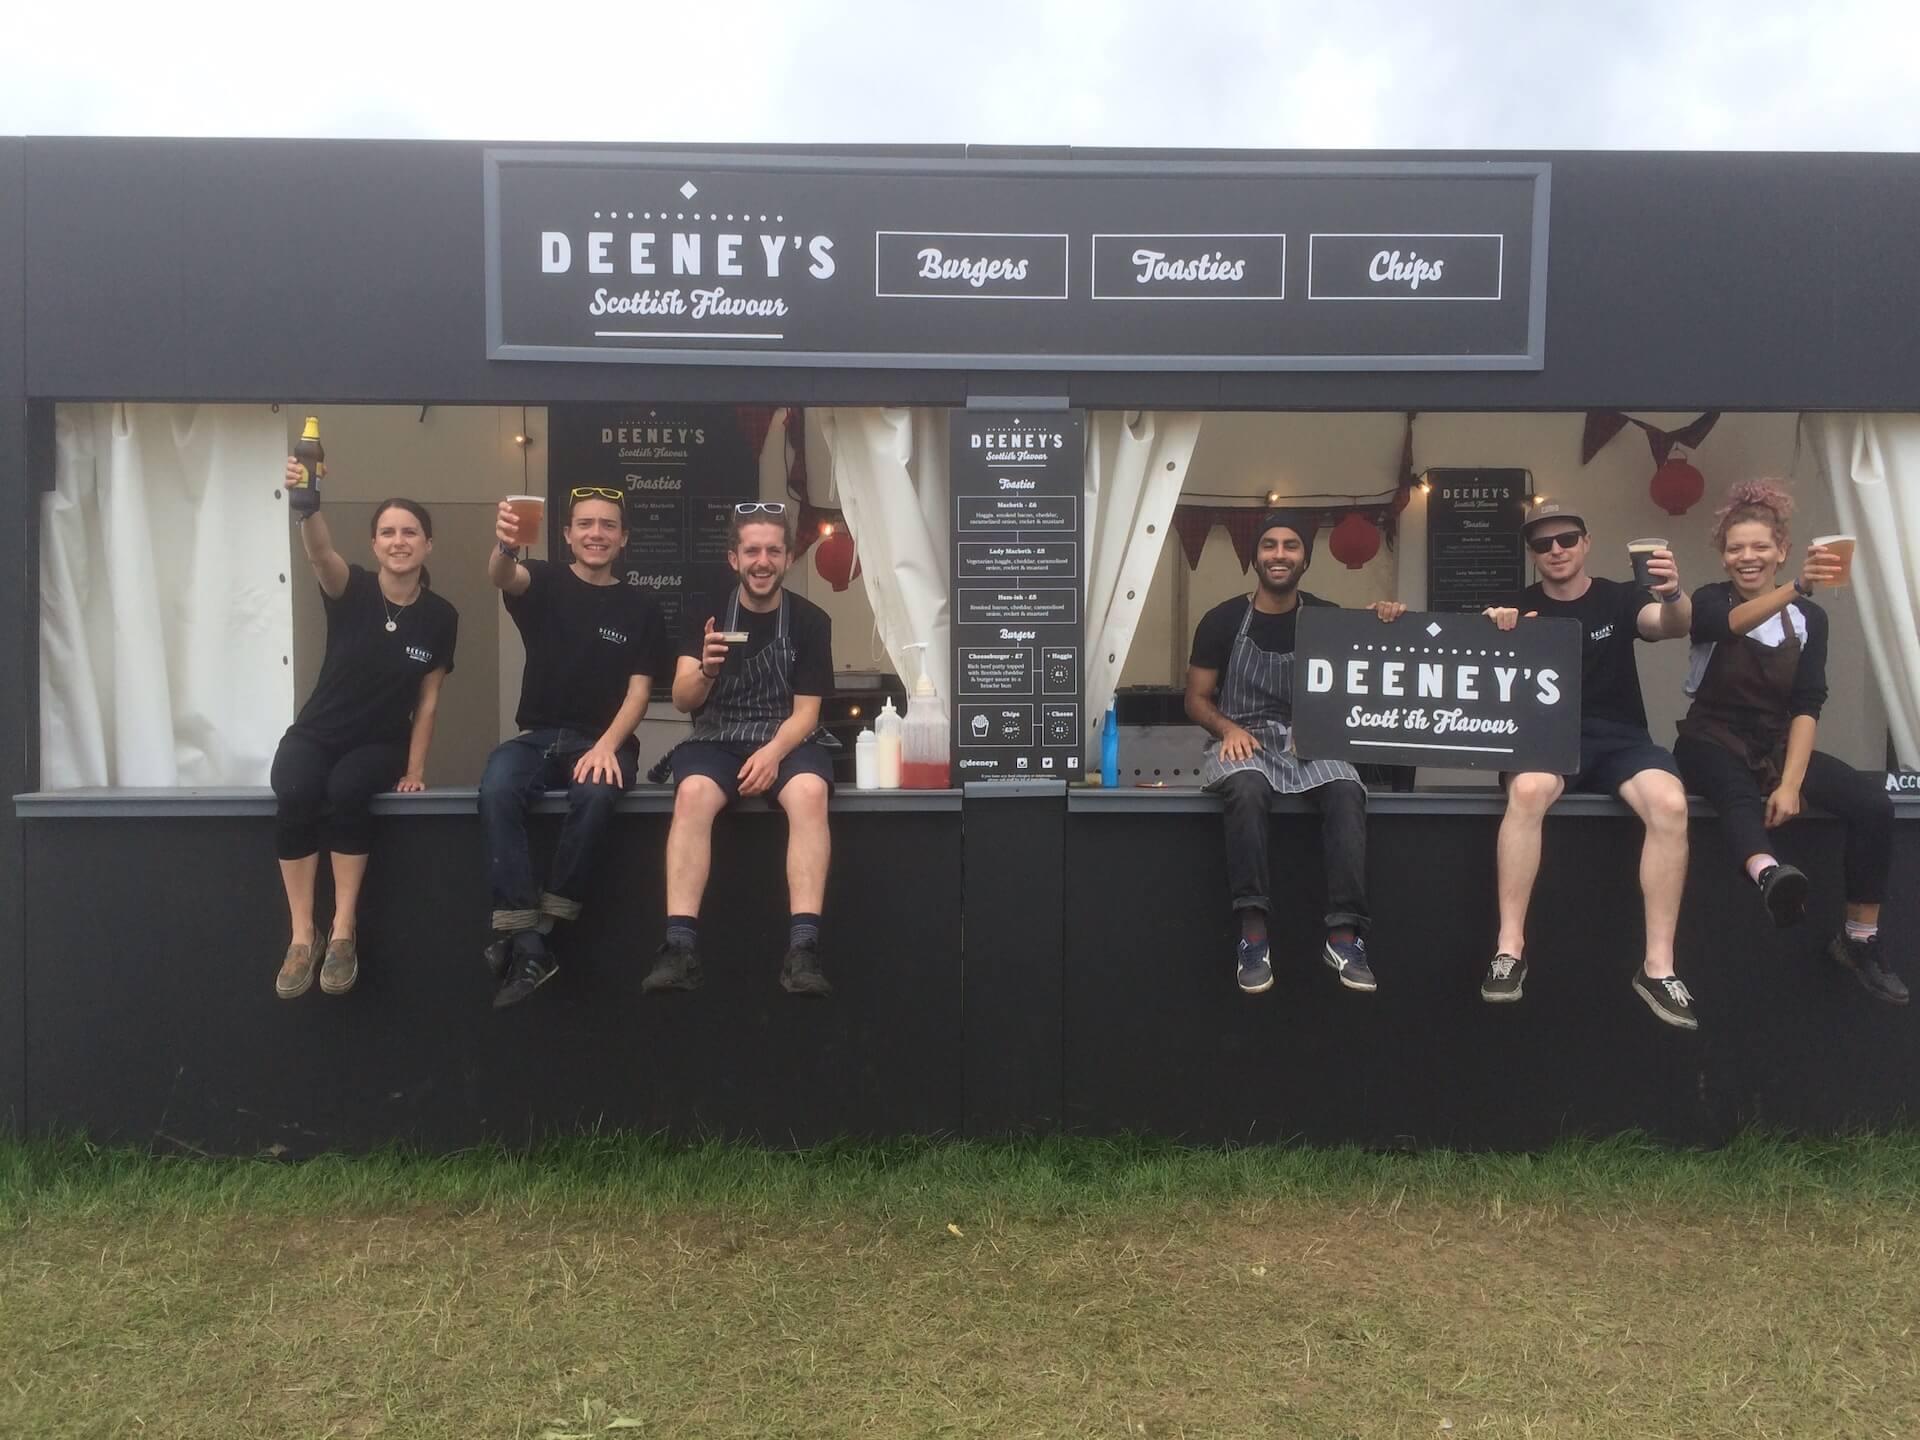 ロンドン発「DEENEY'S」の日本初路面店がオープン!スコットランドの伝統料理ハギスを使用したトースティを販売 gourmet200625_deenys_02